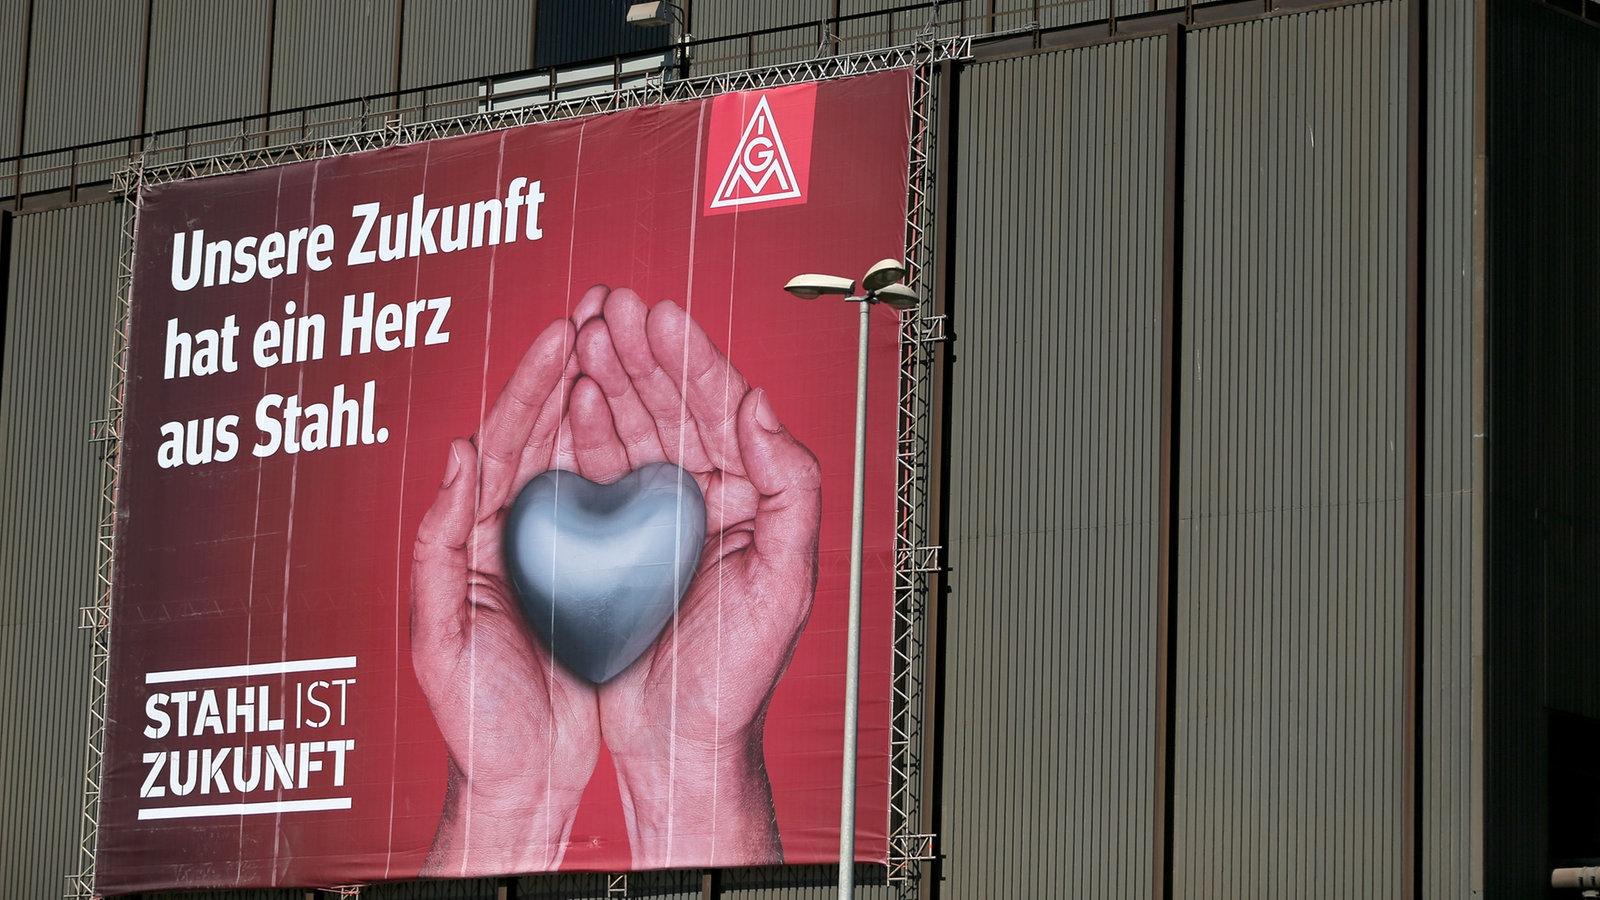 http://www1.wdr.de/nachrichten/stahl-aktionstag-ig-metall-104~_v-gseagaleriexl.jpg